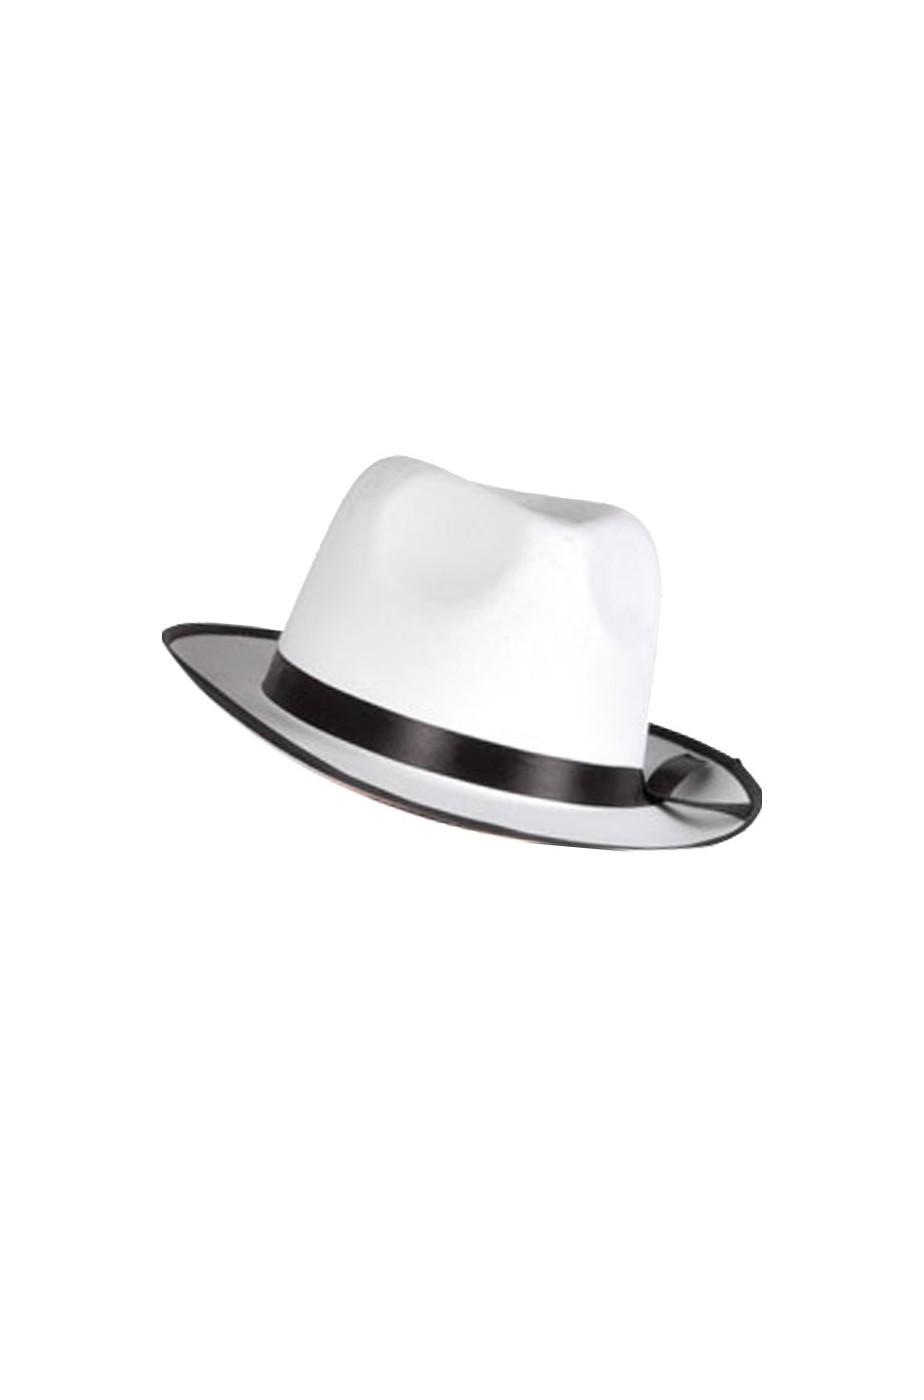 Cappello Gangster Al Capone Bianco fascia nera - CarnivalHalloween.com 023f4aef3a11